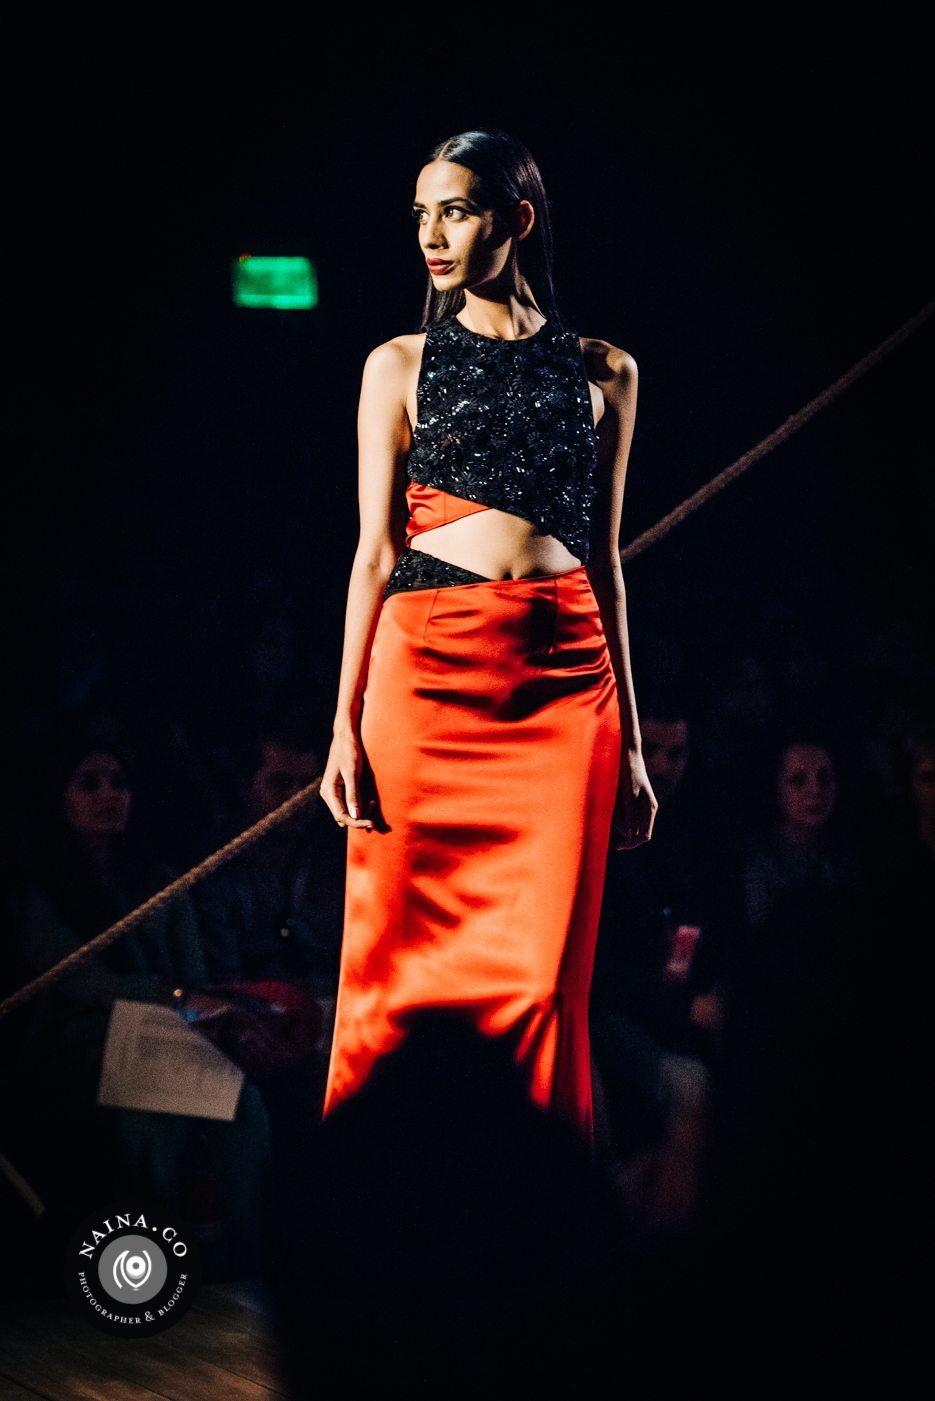 Naina.co-Raconteuse-Visuelle-Photographer-Blogger-Storyteller-Luxury-Lifestyle-AIFWAW15-Namrata-Joshipura-27